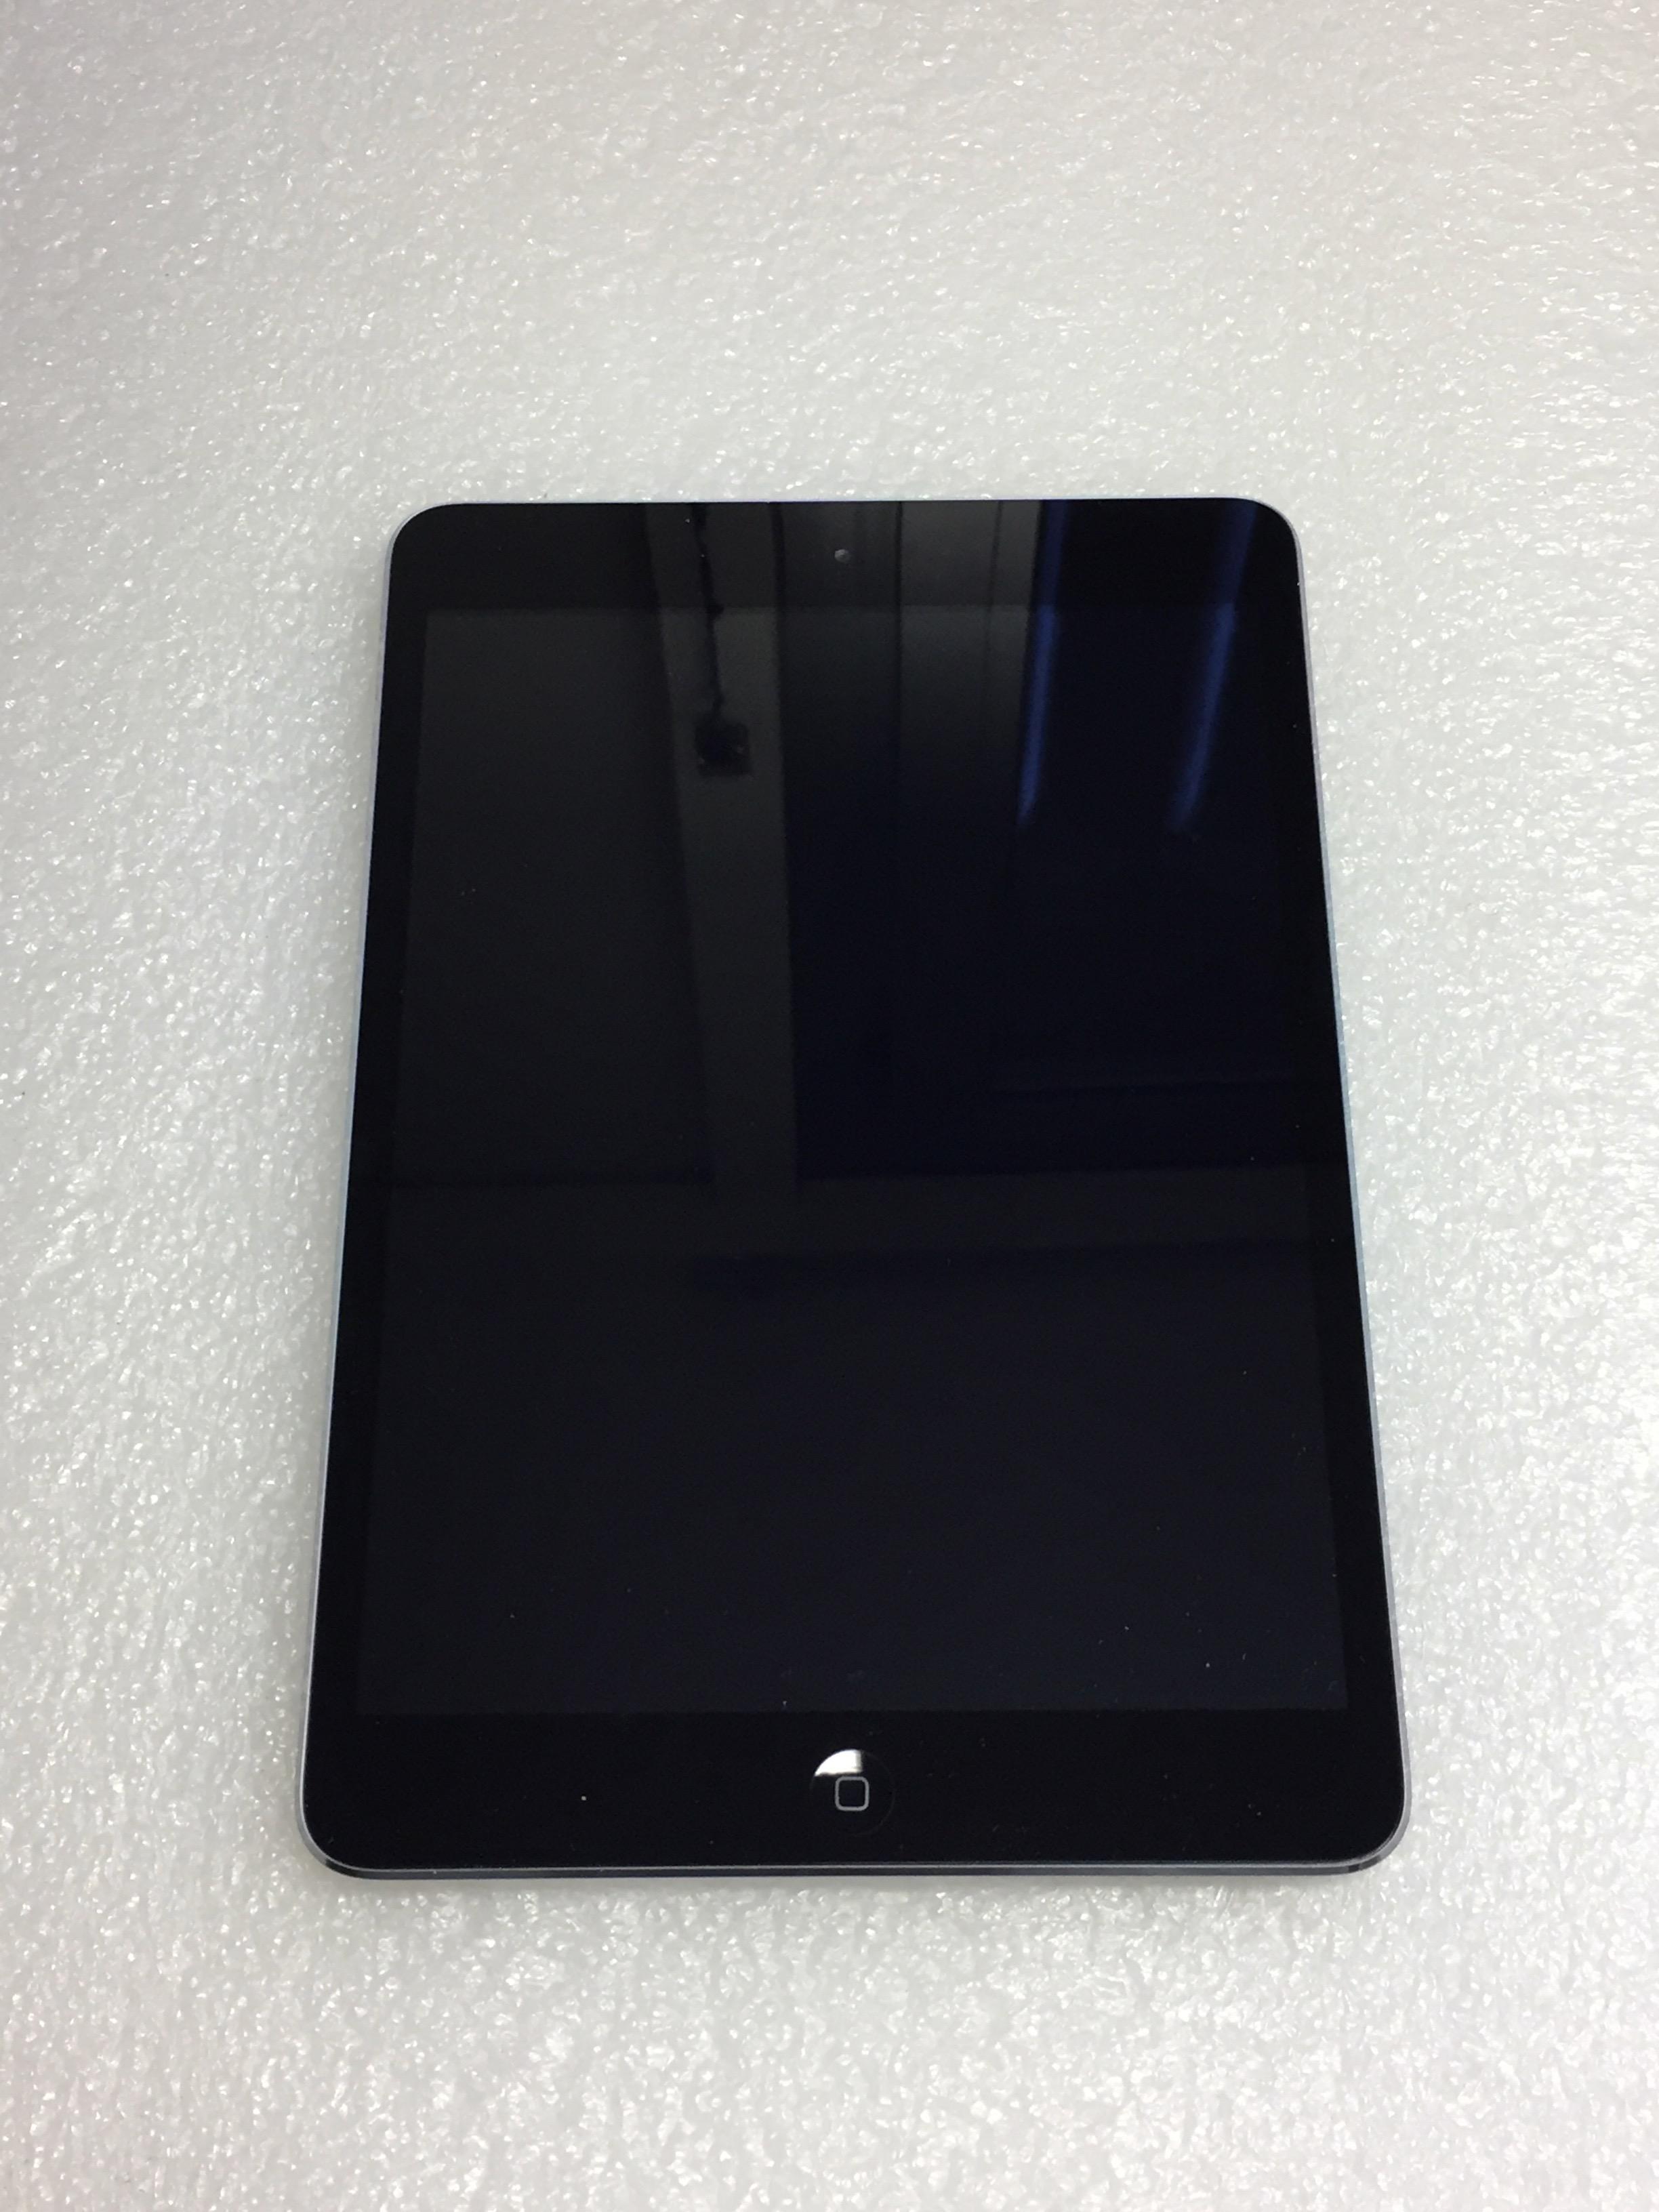 iPad mini Wi-Fi 16GB, 16 GB, Gray, imagen 1